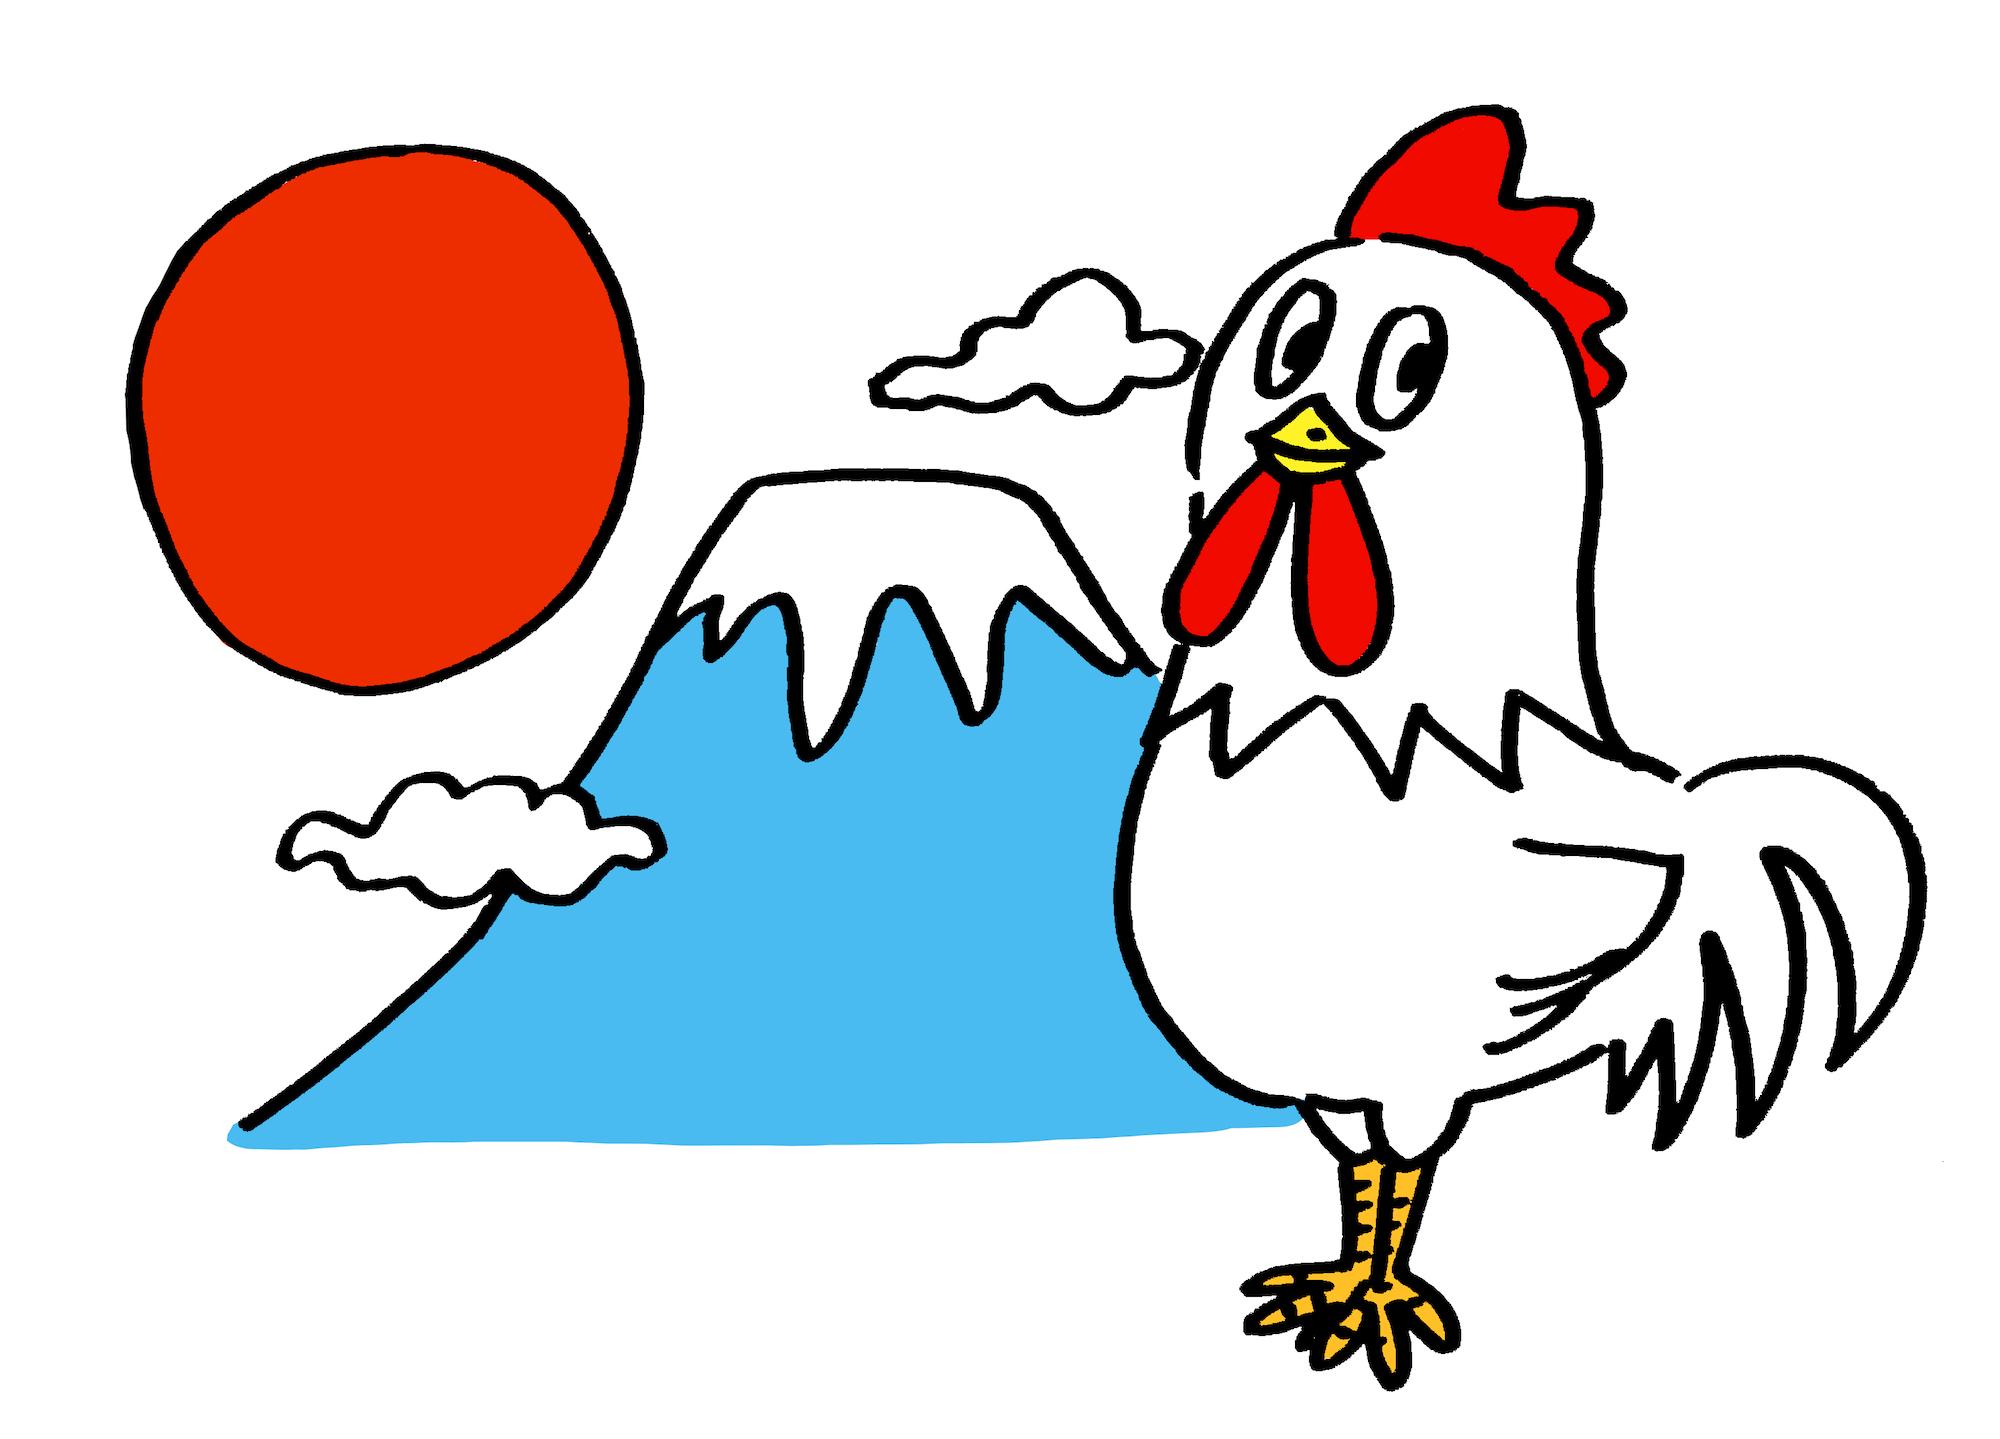 富士山と可愛い鶏無料年賀状素材干支酉年イラスト